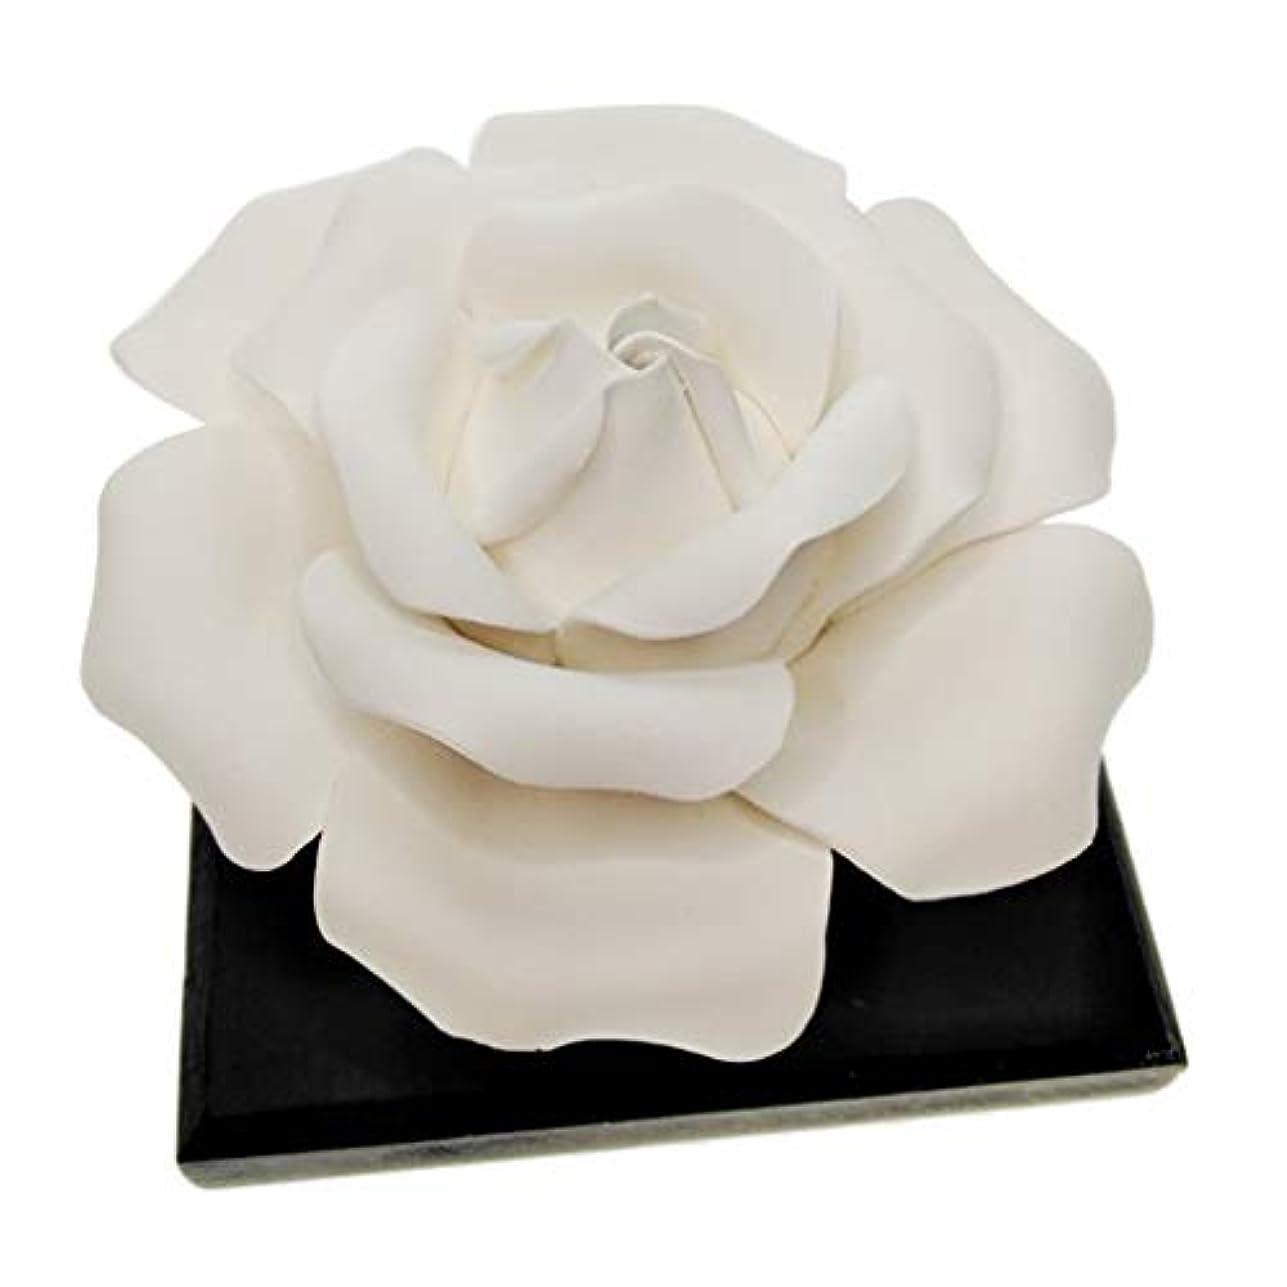 混乱させるモニカ強盗P Prettyia ローズフラワー エッセンシャルオイル 香水 香りディフューザー 美しい 装飾品